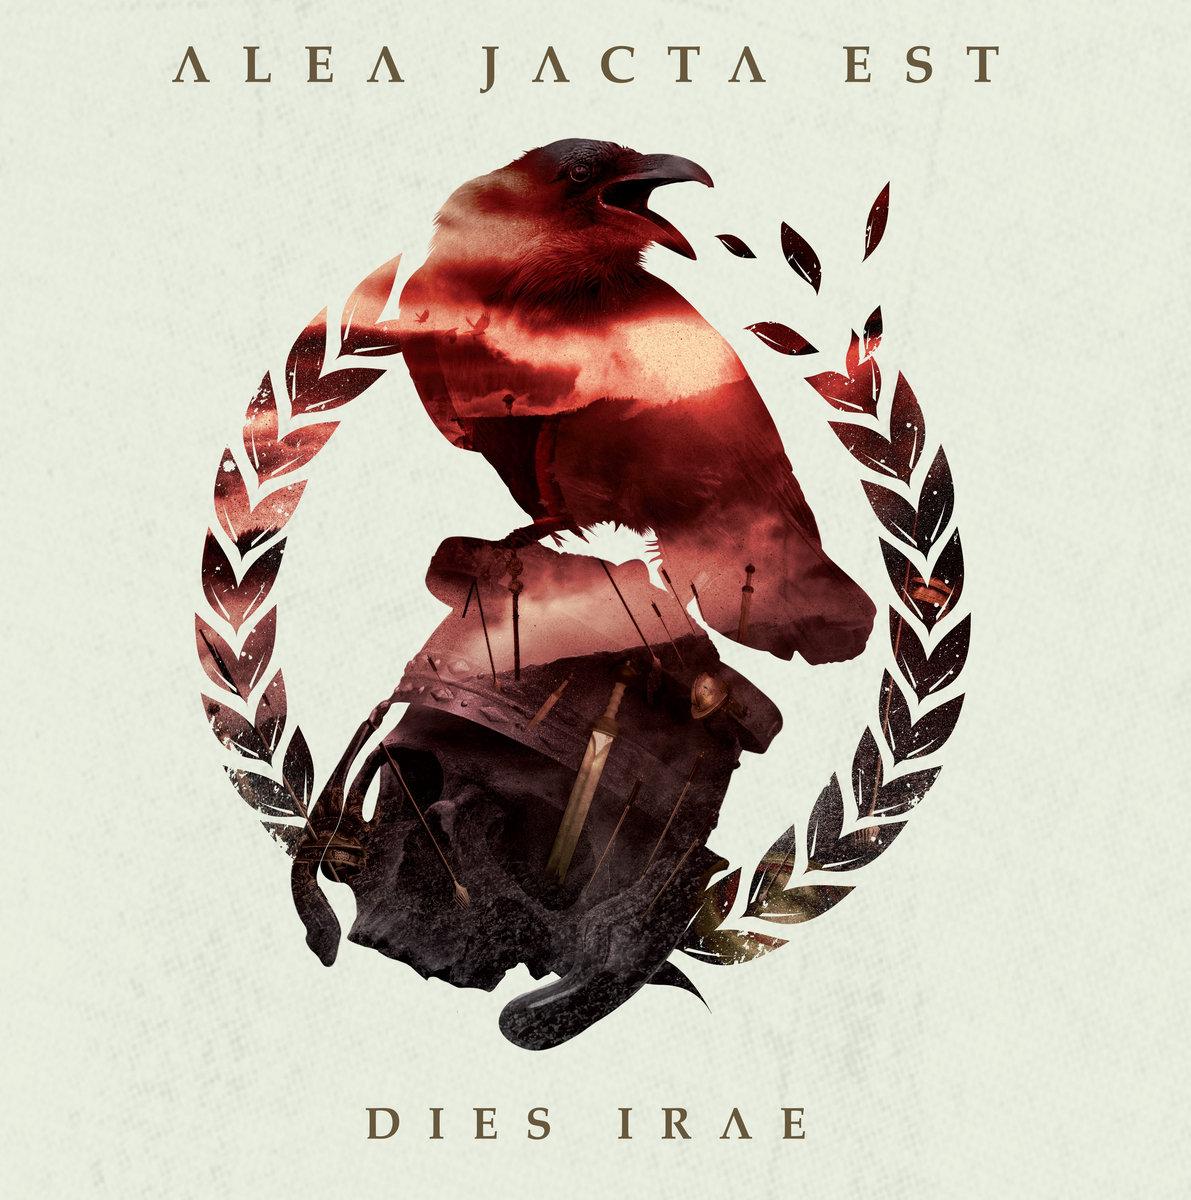 ALEA JACTA EST - Dies Irae - 33T